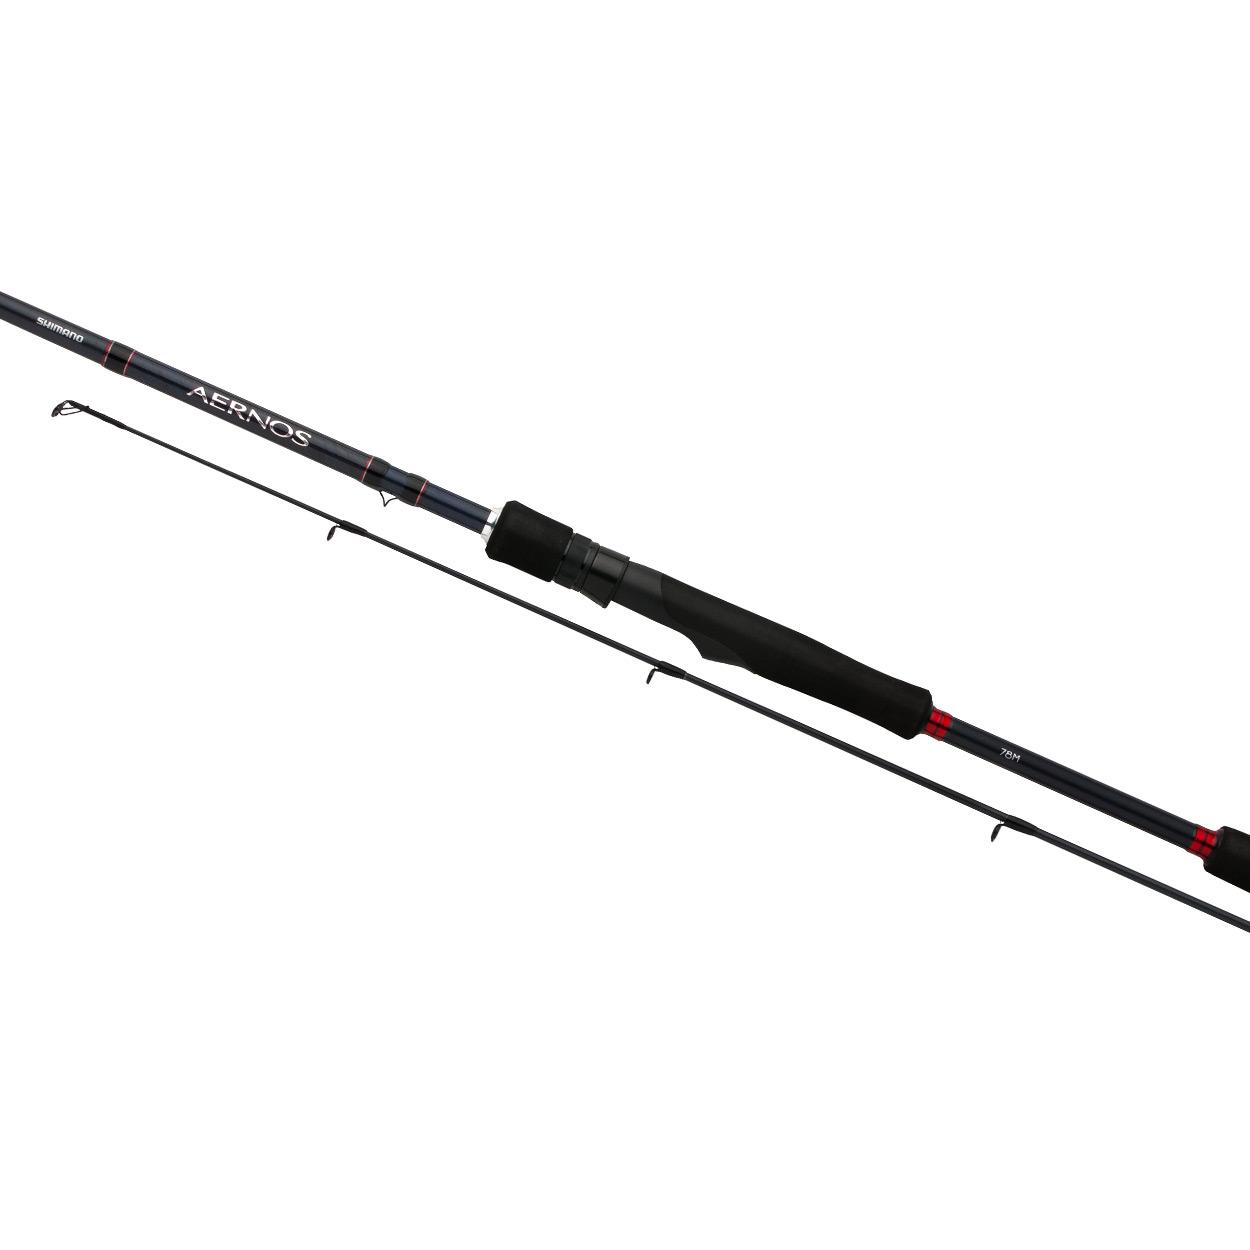 Удилище кастинговое SHIMANO Aernos AX Spinning 8'10 7-35 M (+ Леска в подарок!) shimano aernos spinning 270 sarns271540